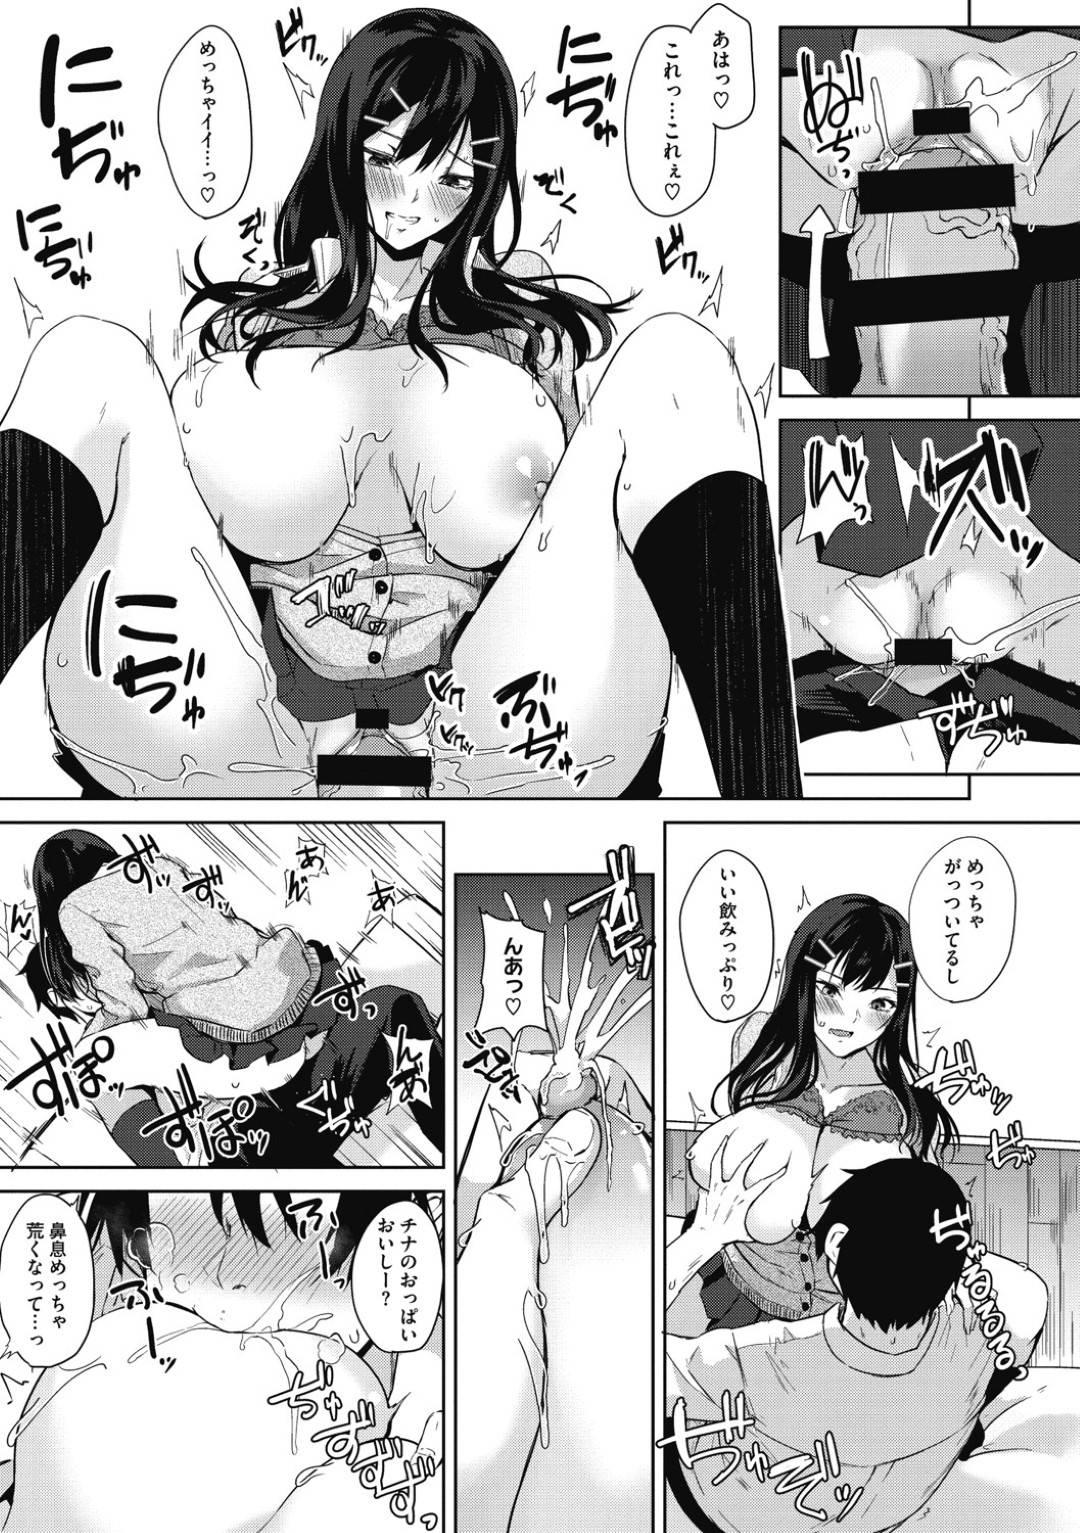 【エロ漫画】同級生で主人公の家に半強引に上がり込んだ巨乳ムチムチJK…彼が胸ばかり見ていることに気づいた彼女は満更でもないようで、彼にパイズリで強制射精させる!